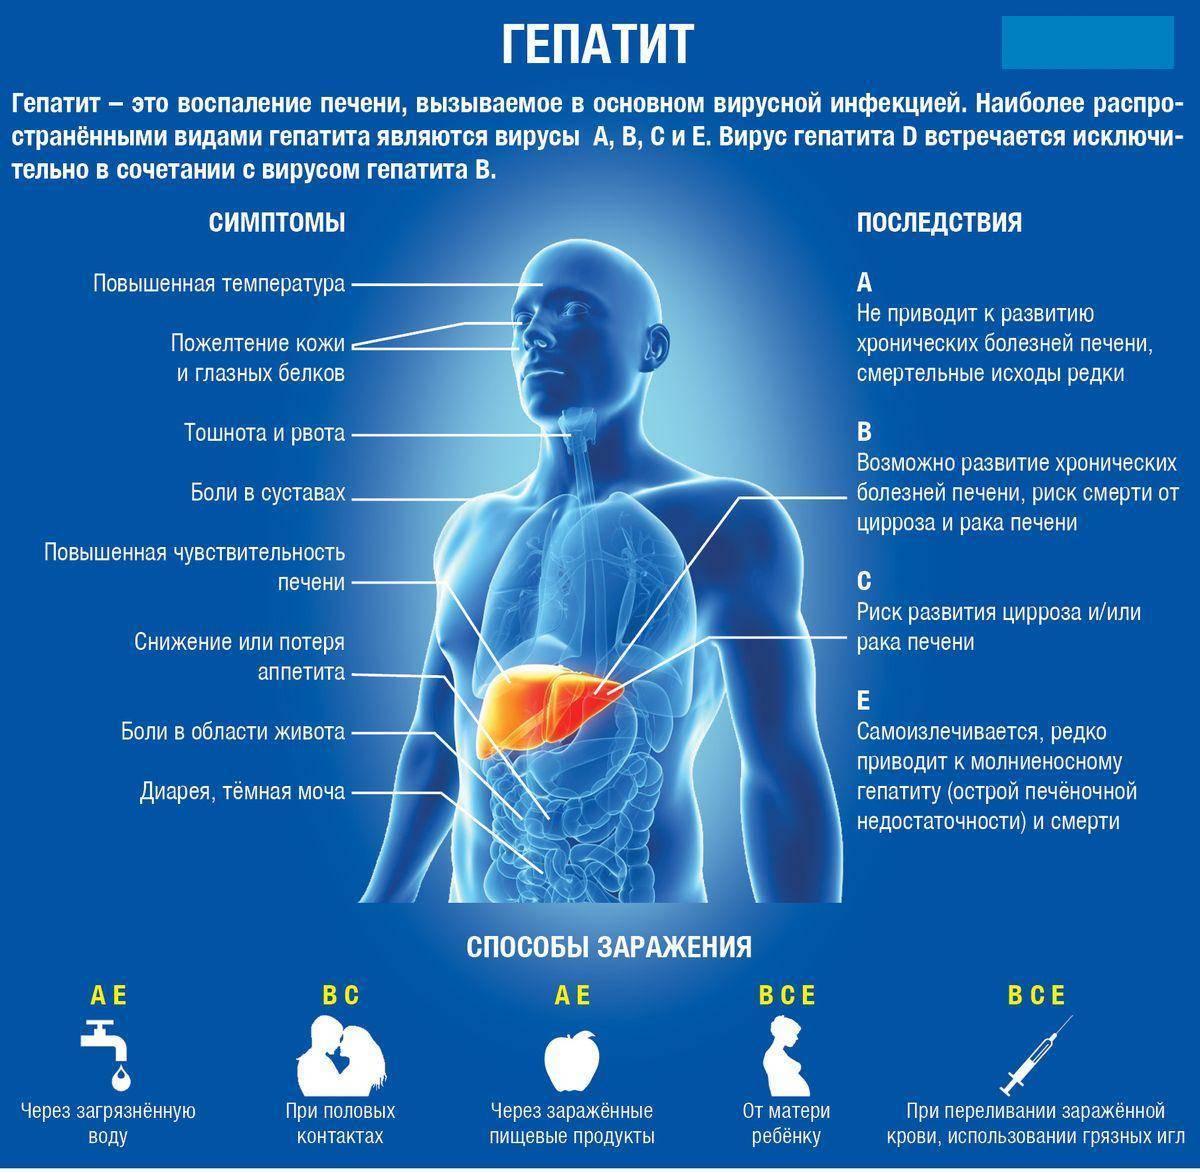 гепатит а лечится или нет